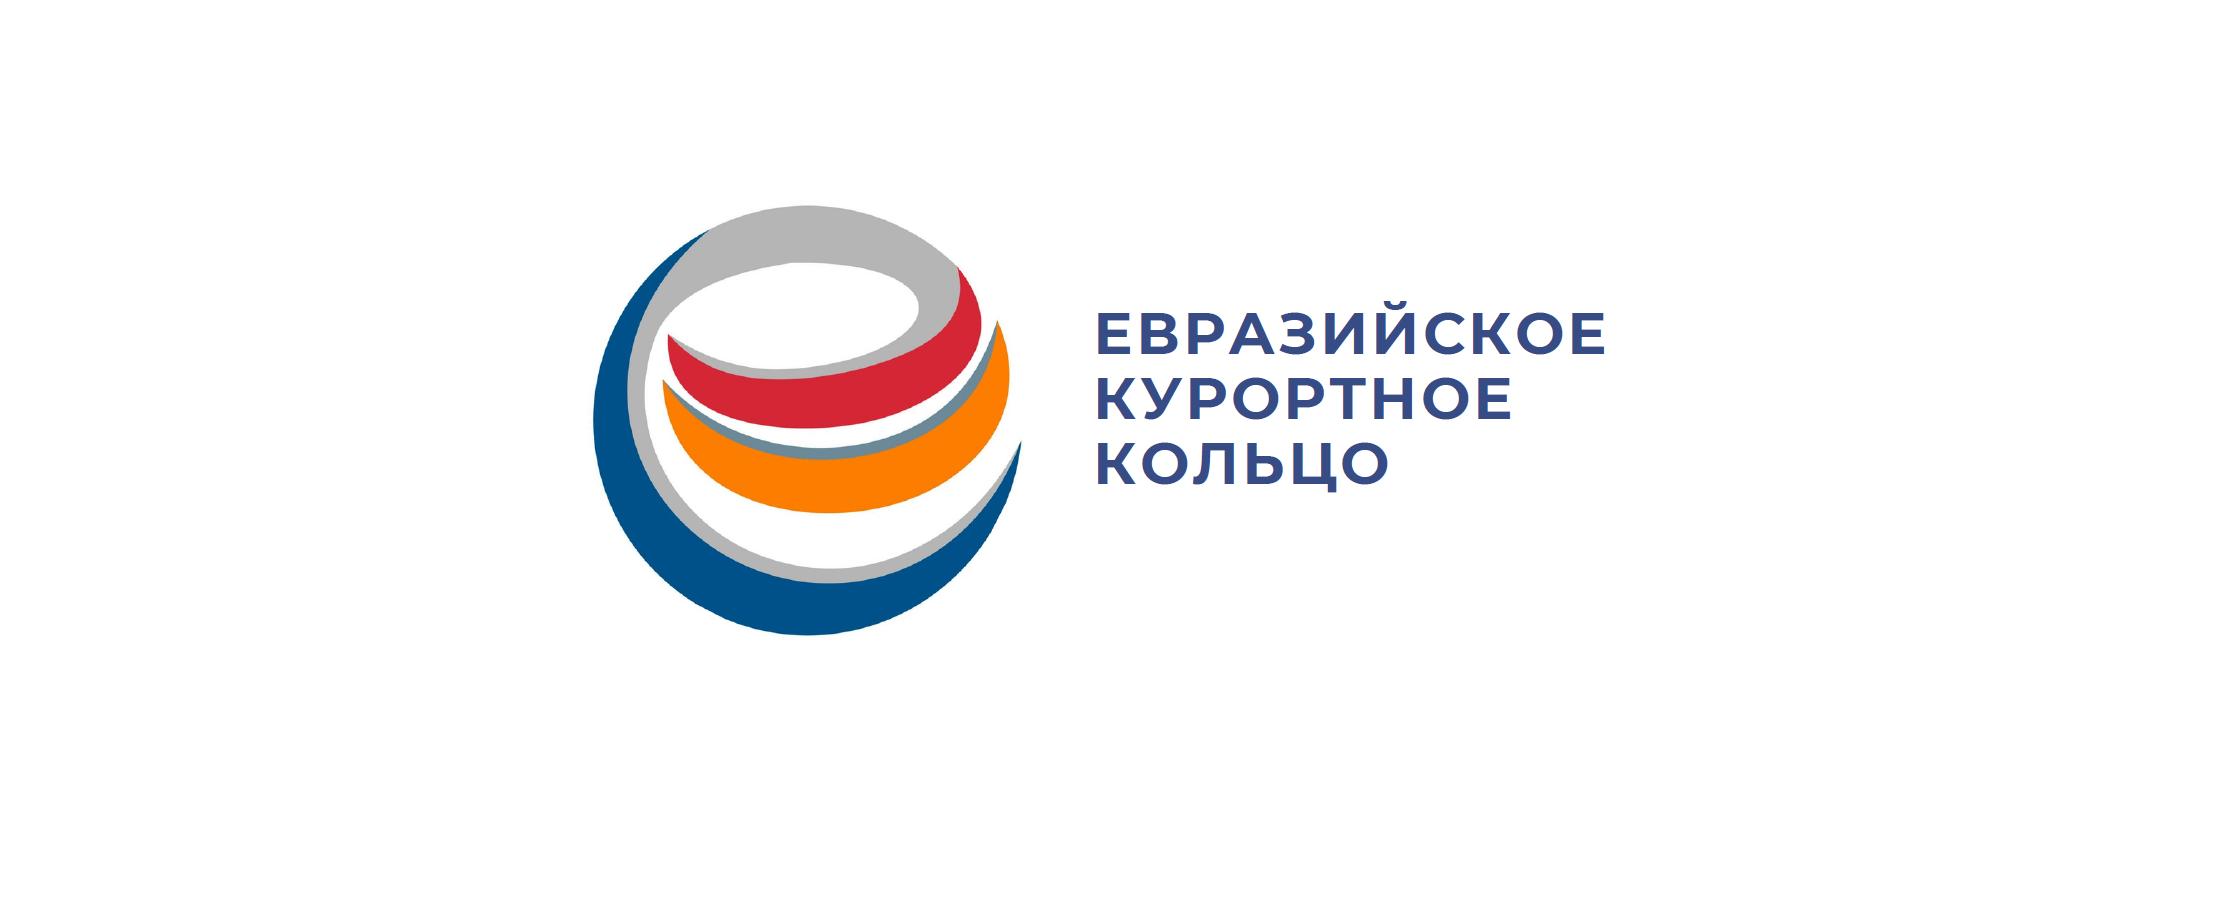 Запуск евразийского интеграционного проекта - «Евразийское курортное кольцо»